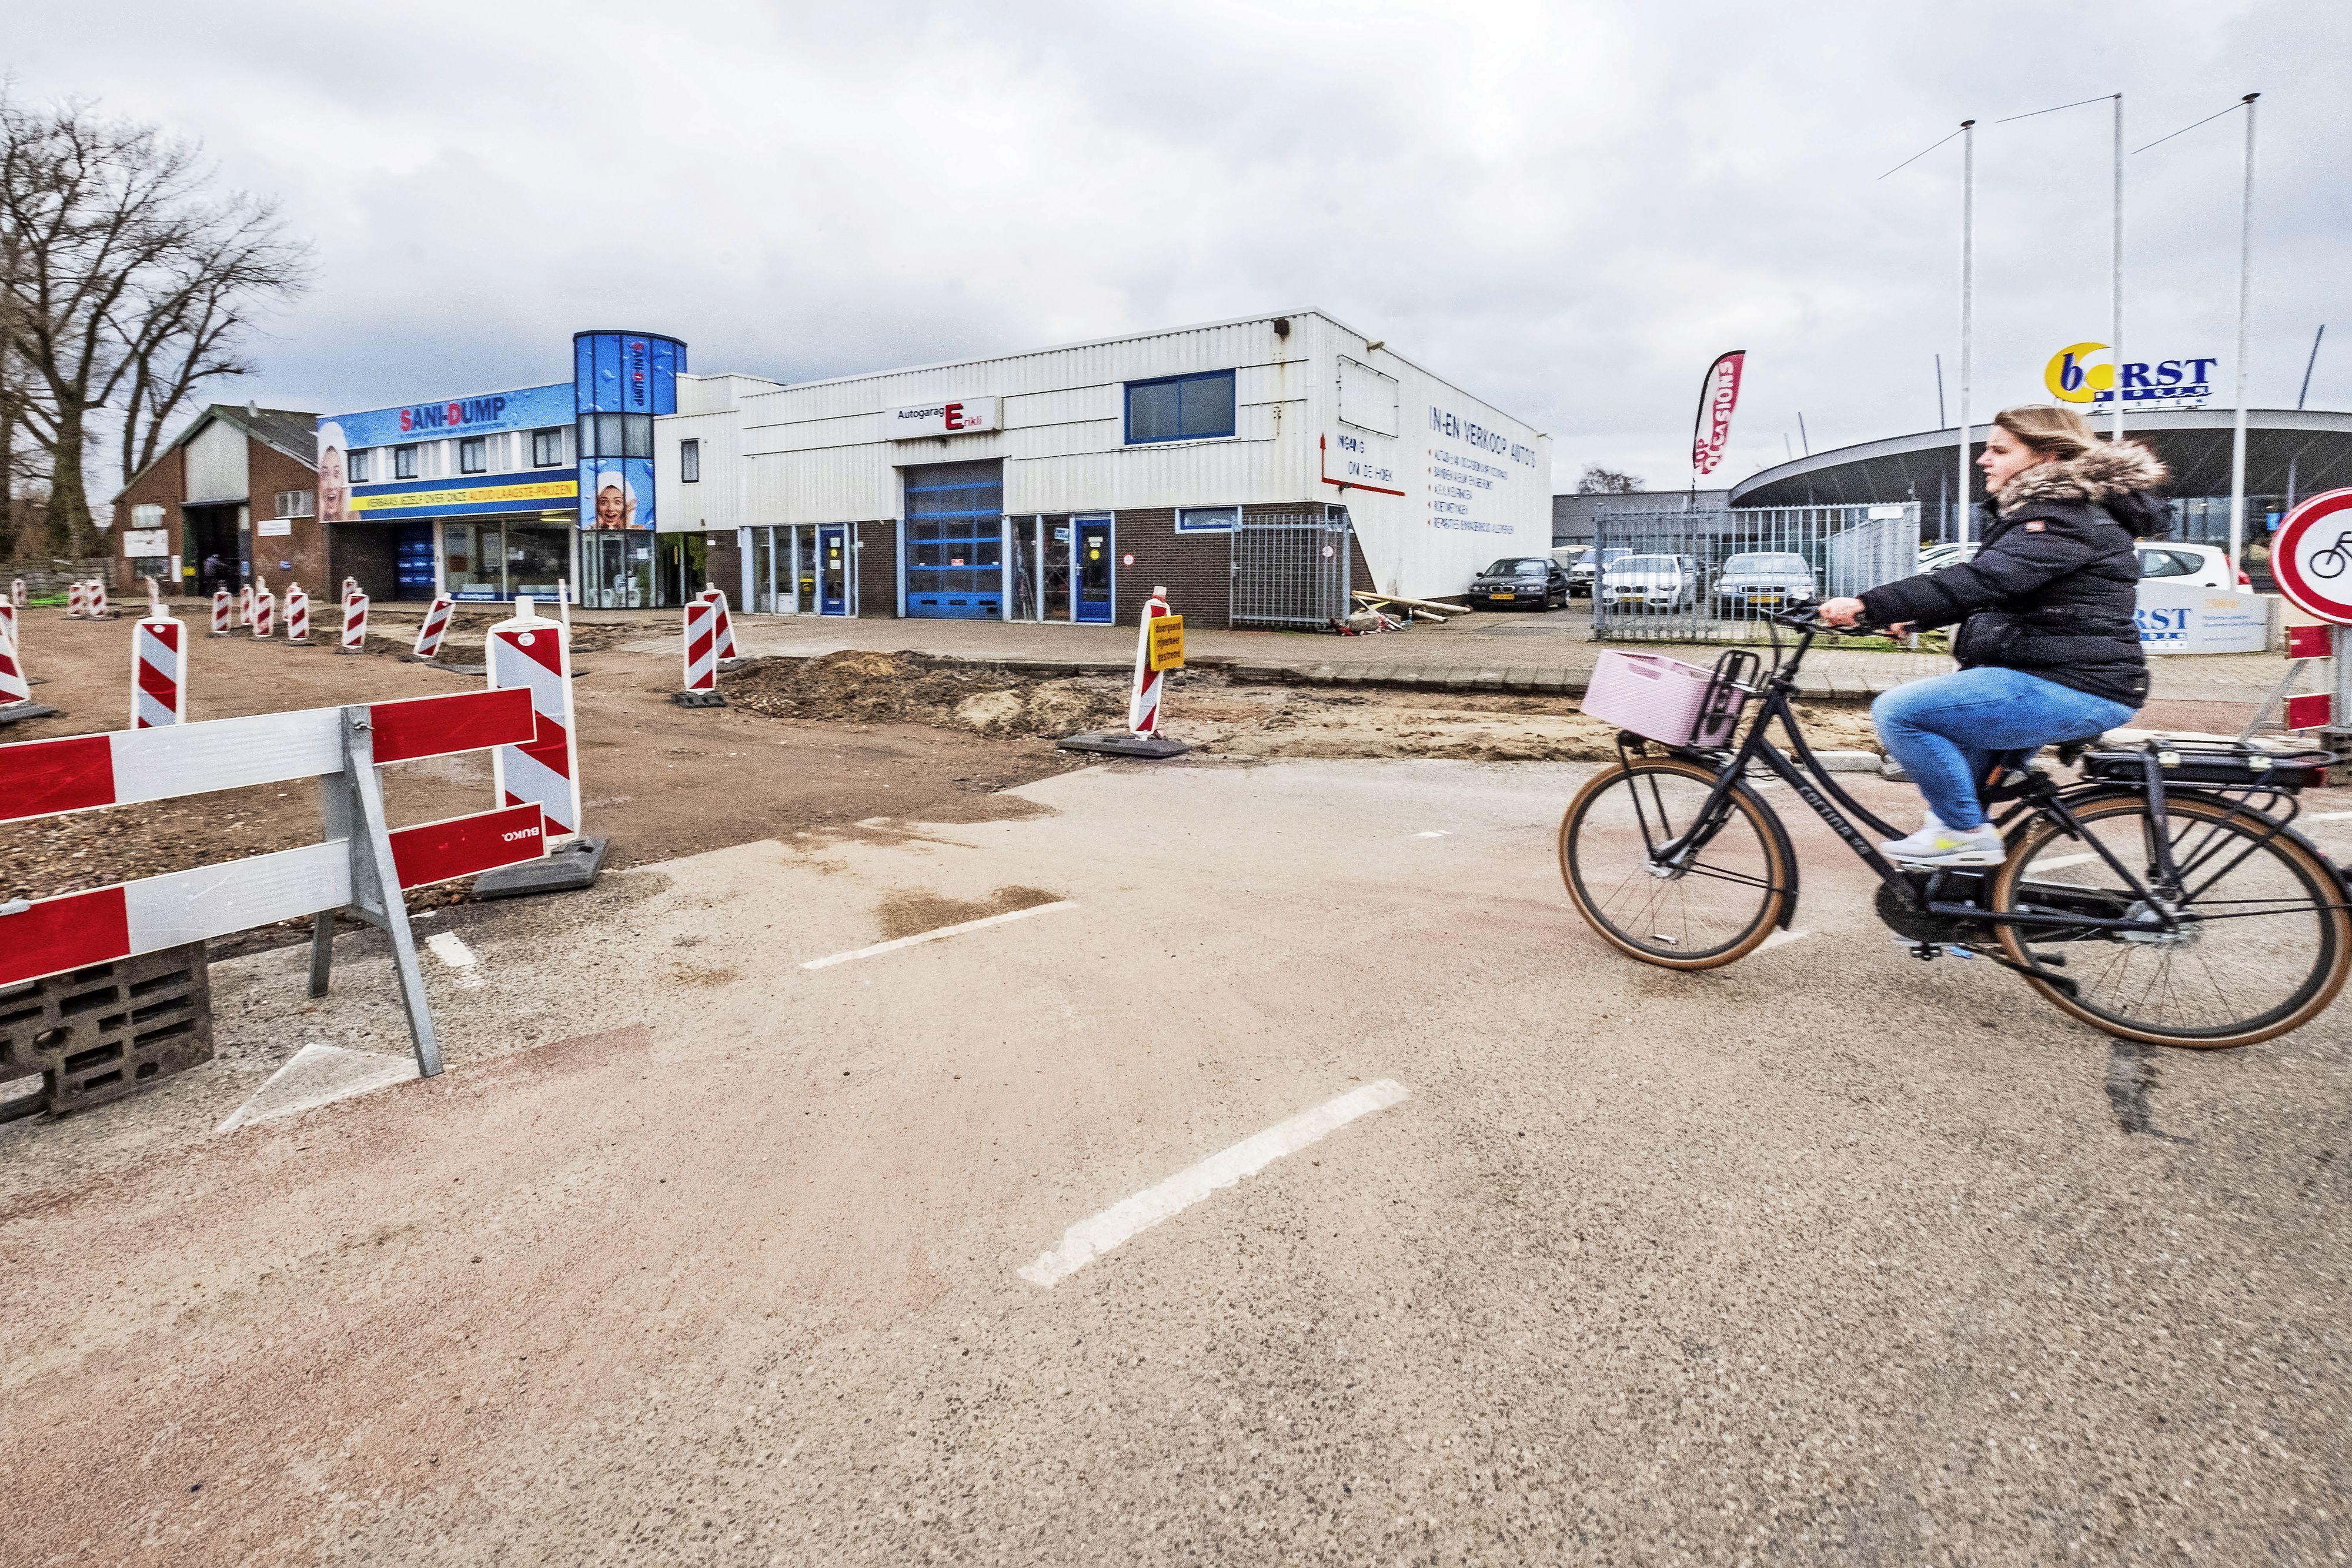 Onderzoek naar faillissement wegenbouwer Kreeft uit Velsen-Noord. Inzet: een meningsverschil over betaling project in Alkmaar